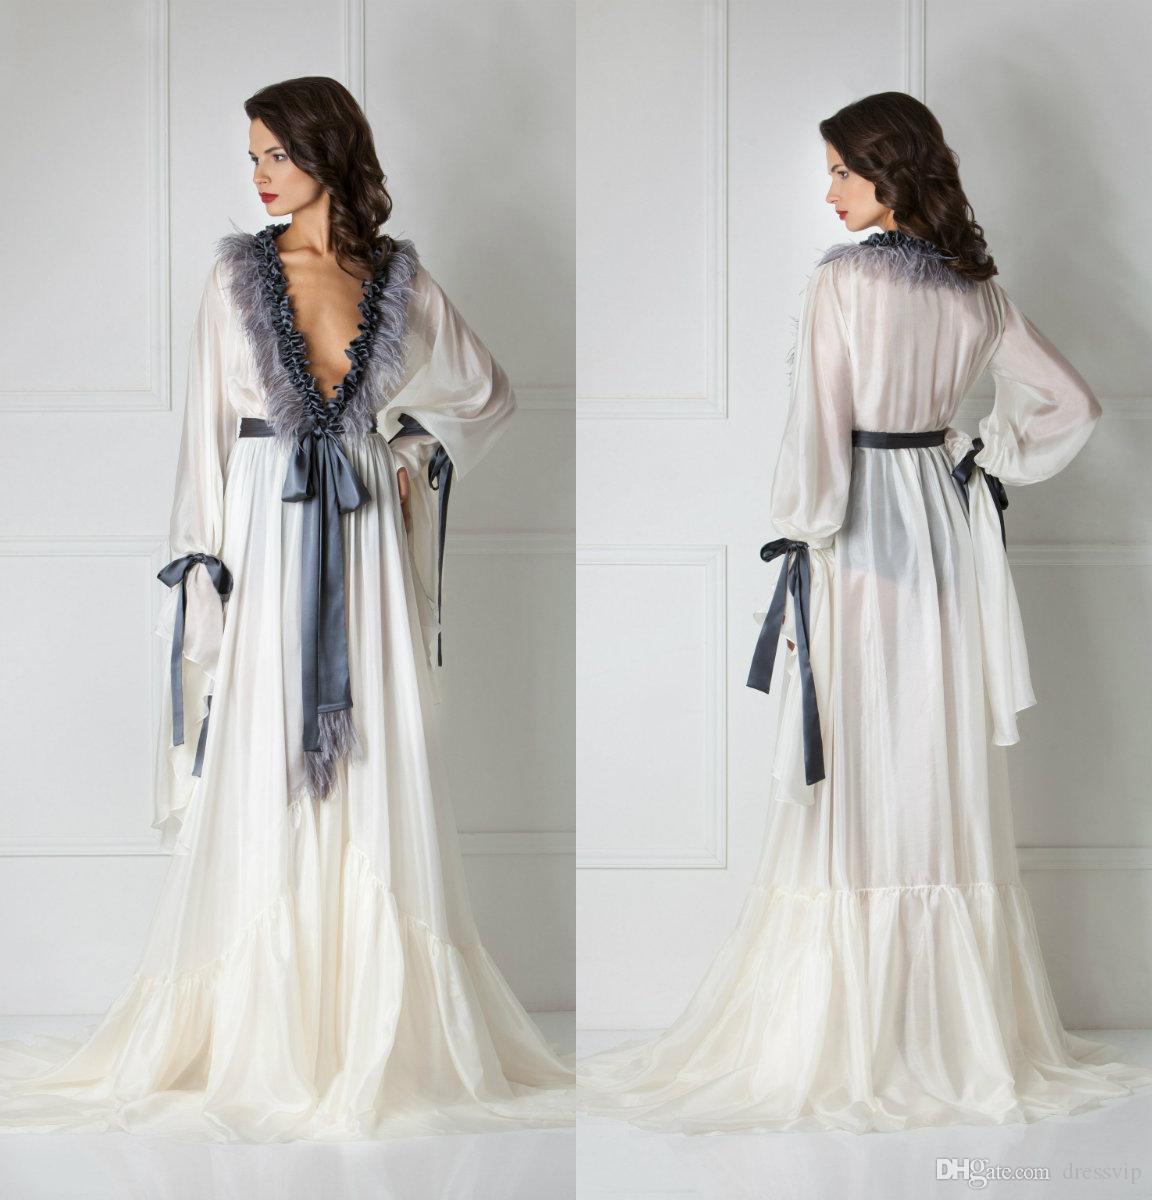 0c27364f30c8 2019 Silk Bathrobe For Women Cuff Full Length Lingerie Nightgown Pajamas  Sleepwear Women S Luxury Dressing Gowns Housecoat Nightwear Lounge Wear  From ...